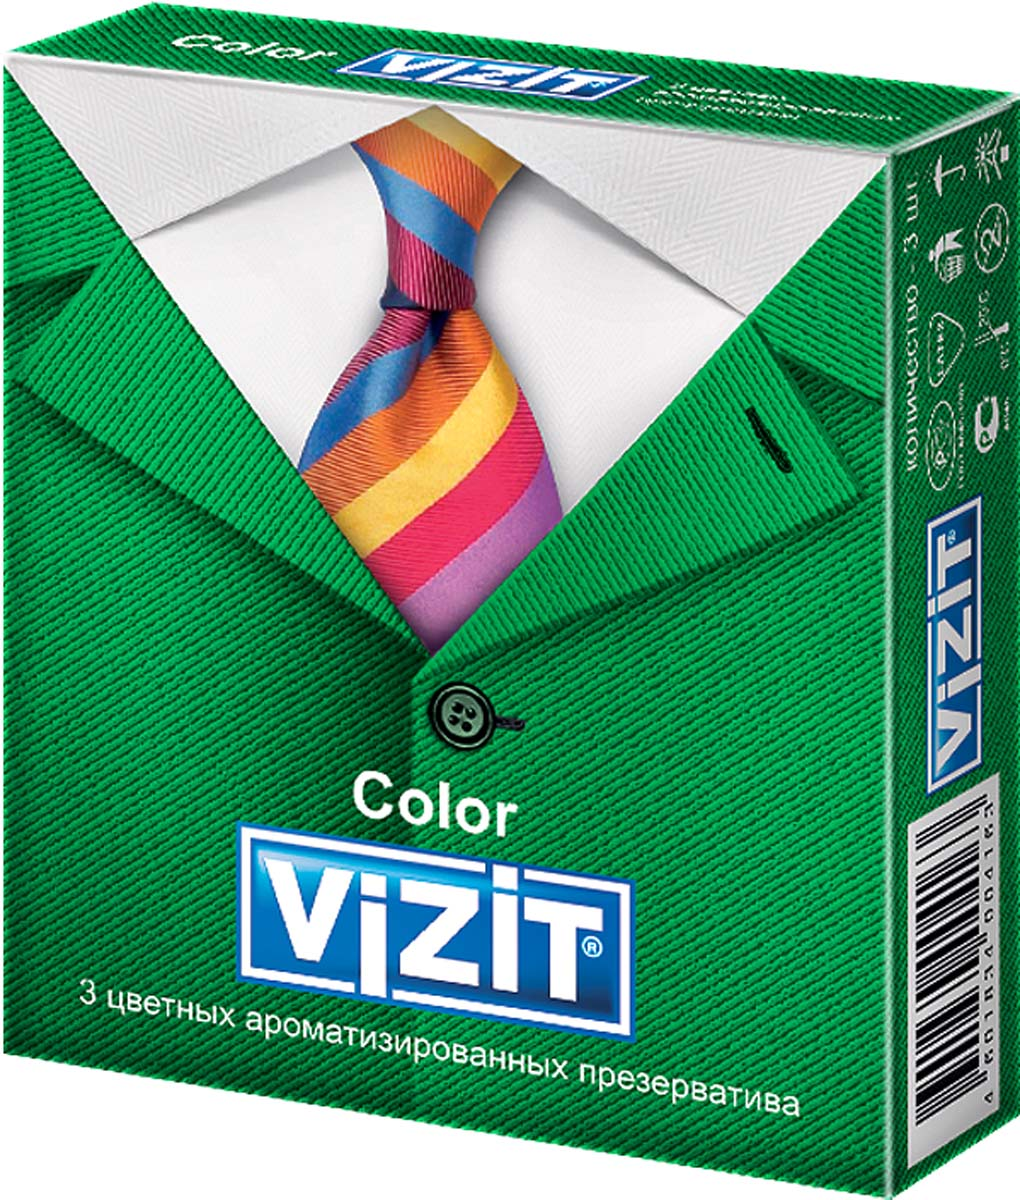 VIZIT Презервативы Color, цветные ароматизированные, 3 шт sico презервативы color цветные ароматизированные 3 шт